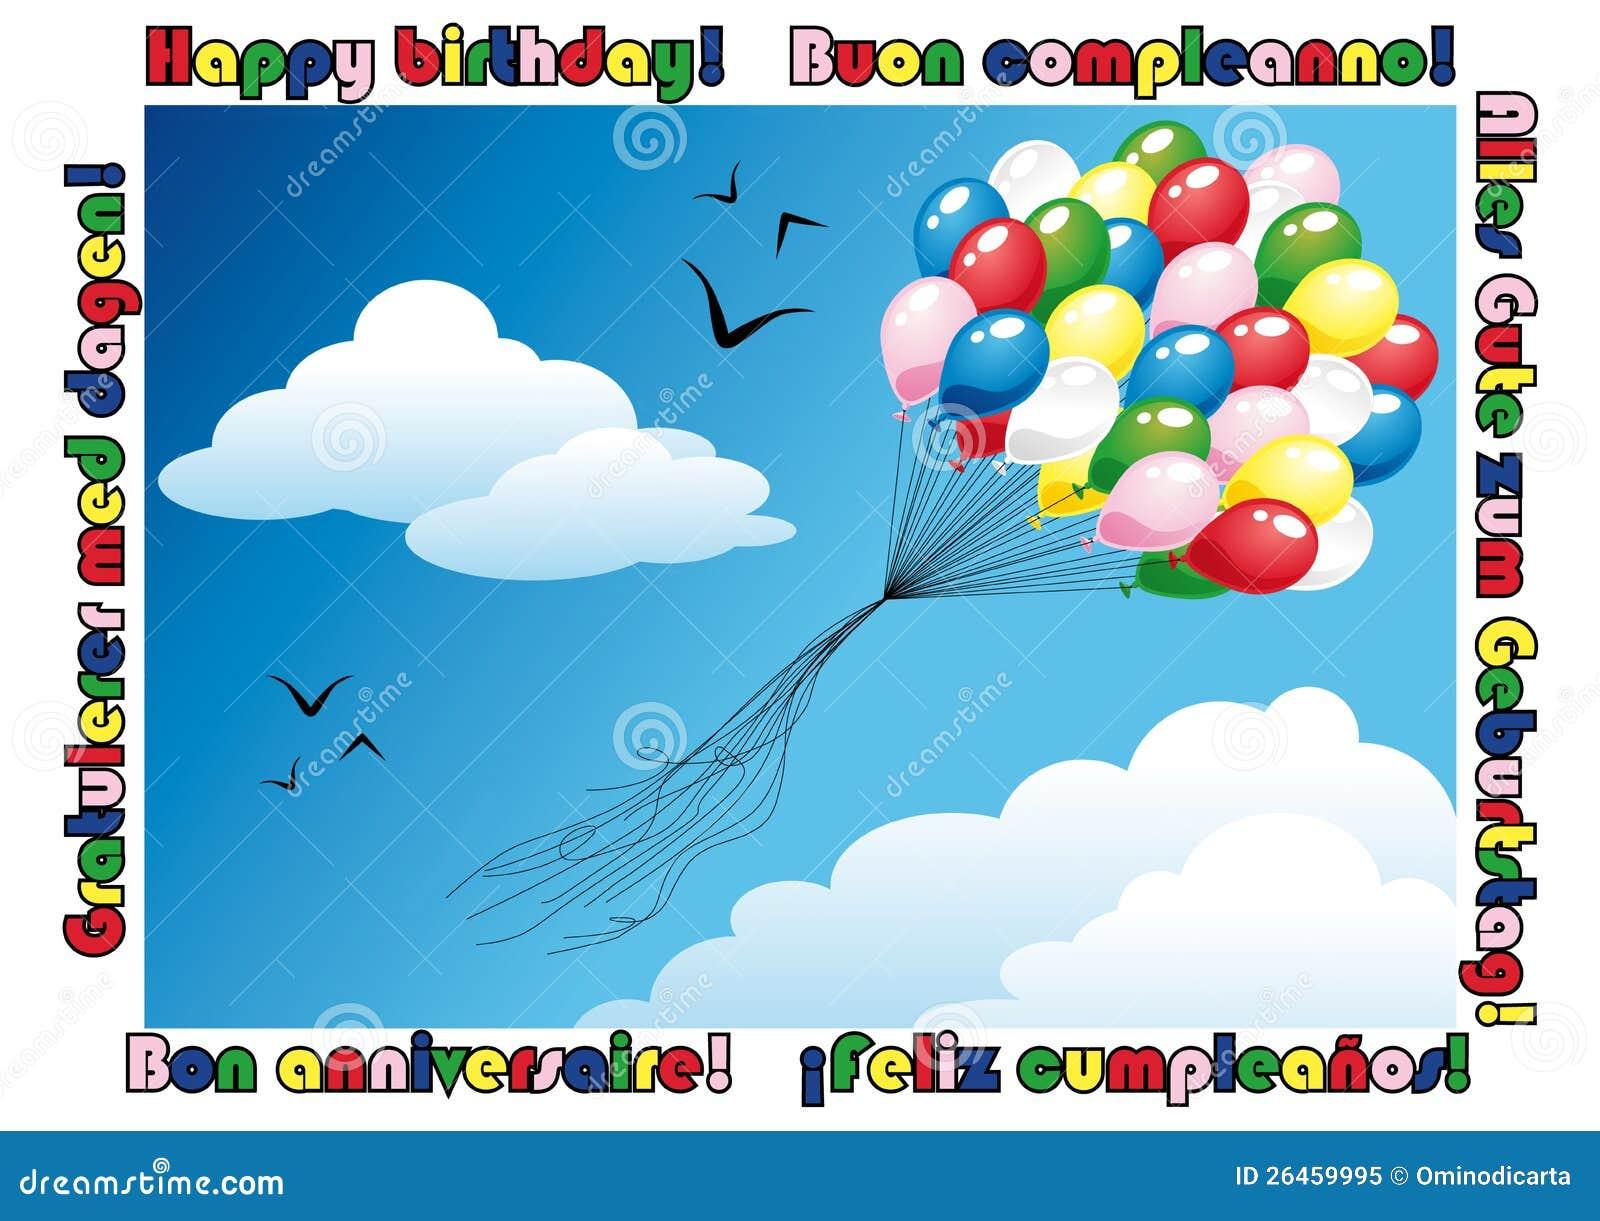 italian birthday stock illustrations   italian birthday stock, Birthday card